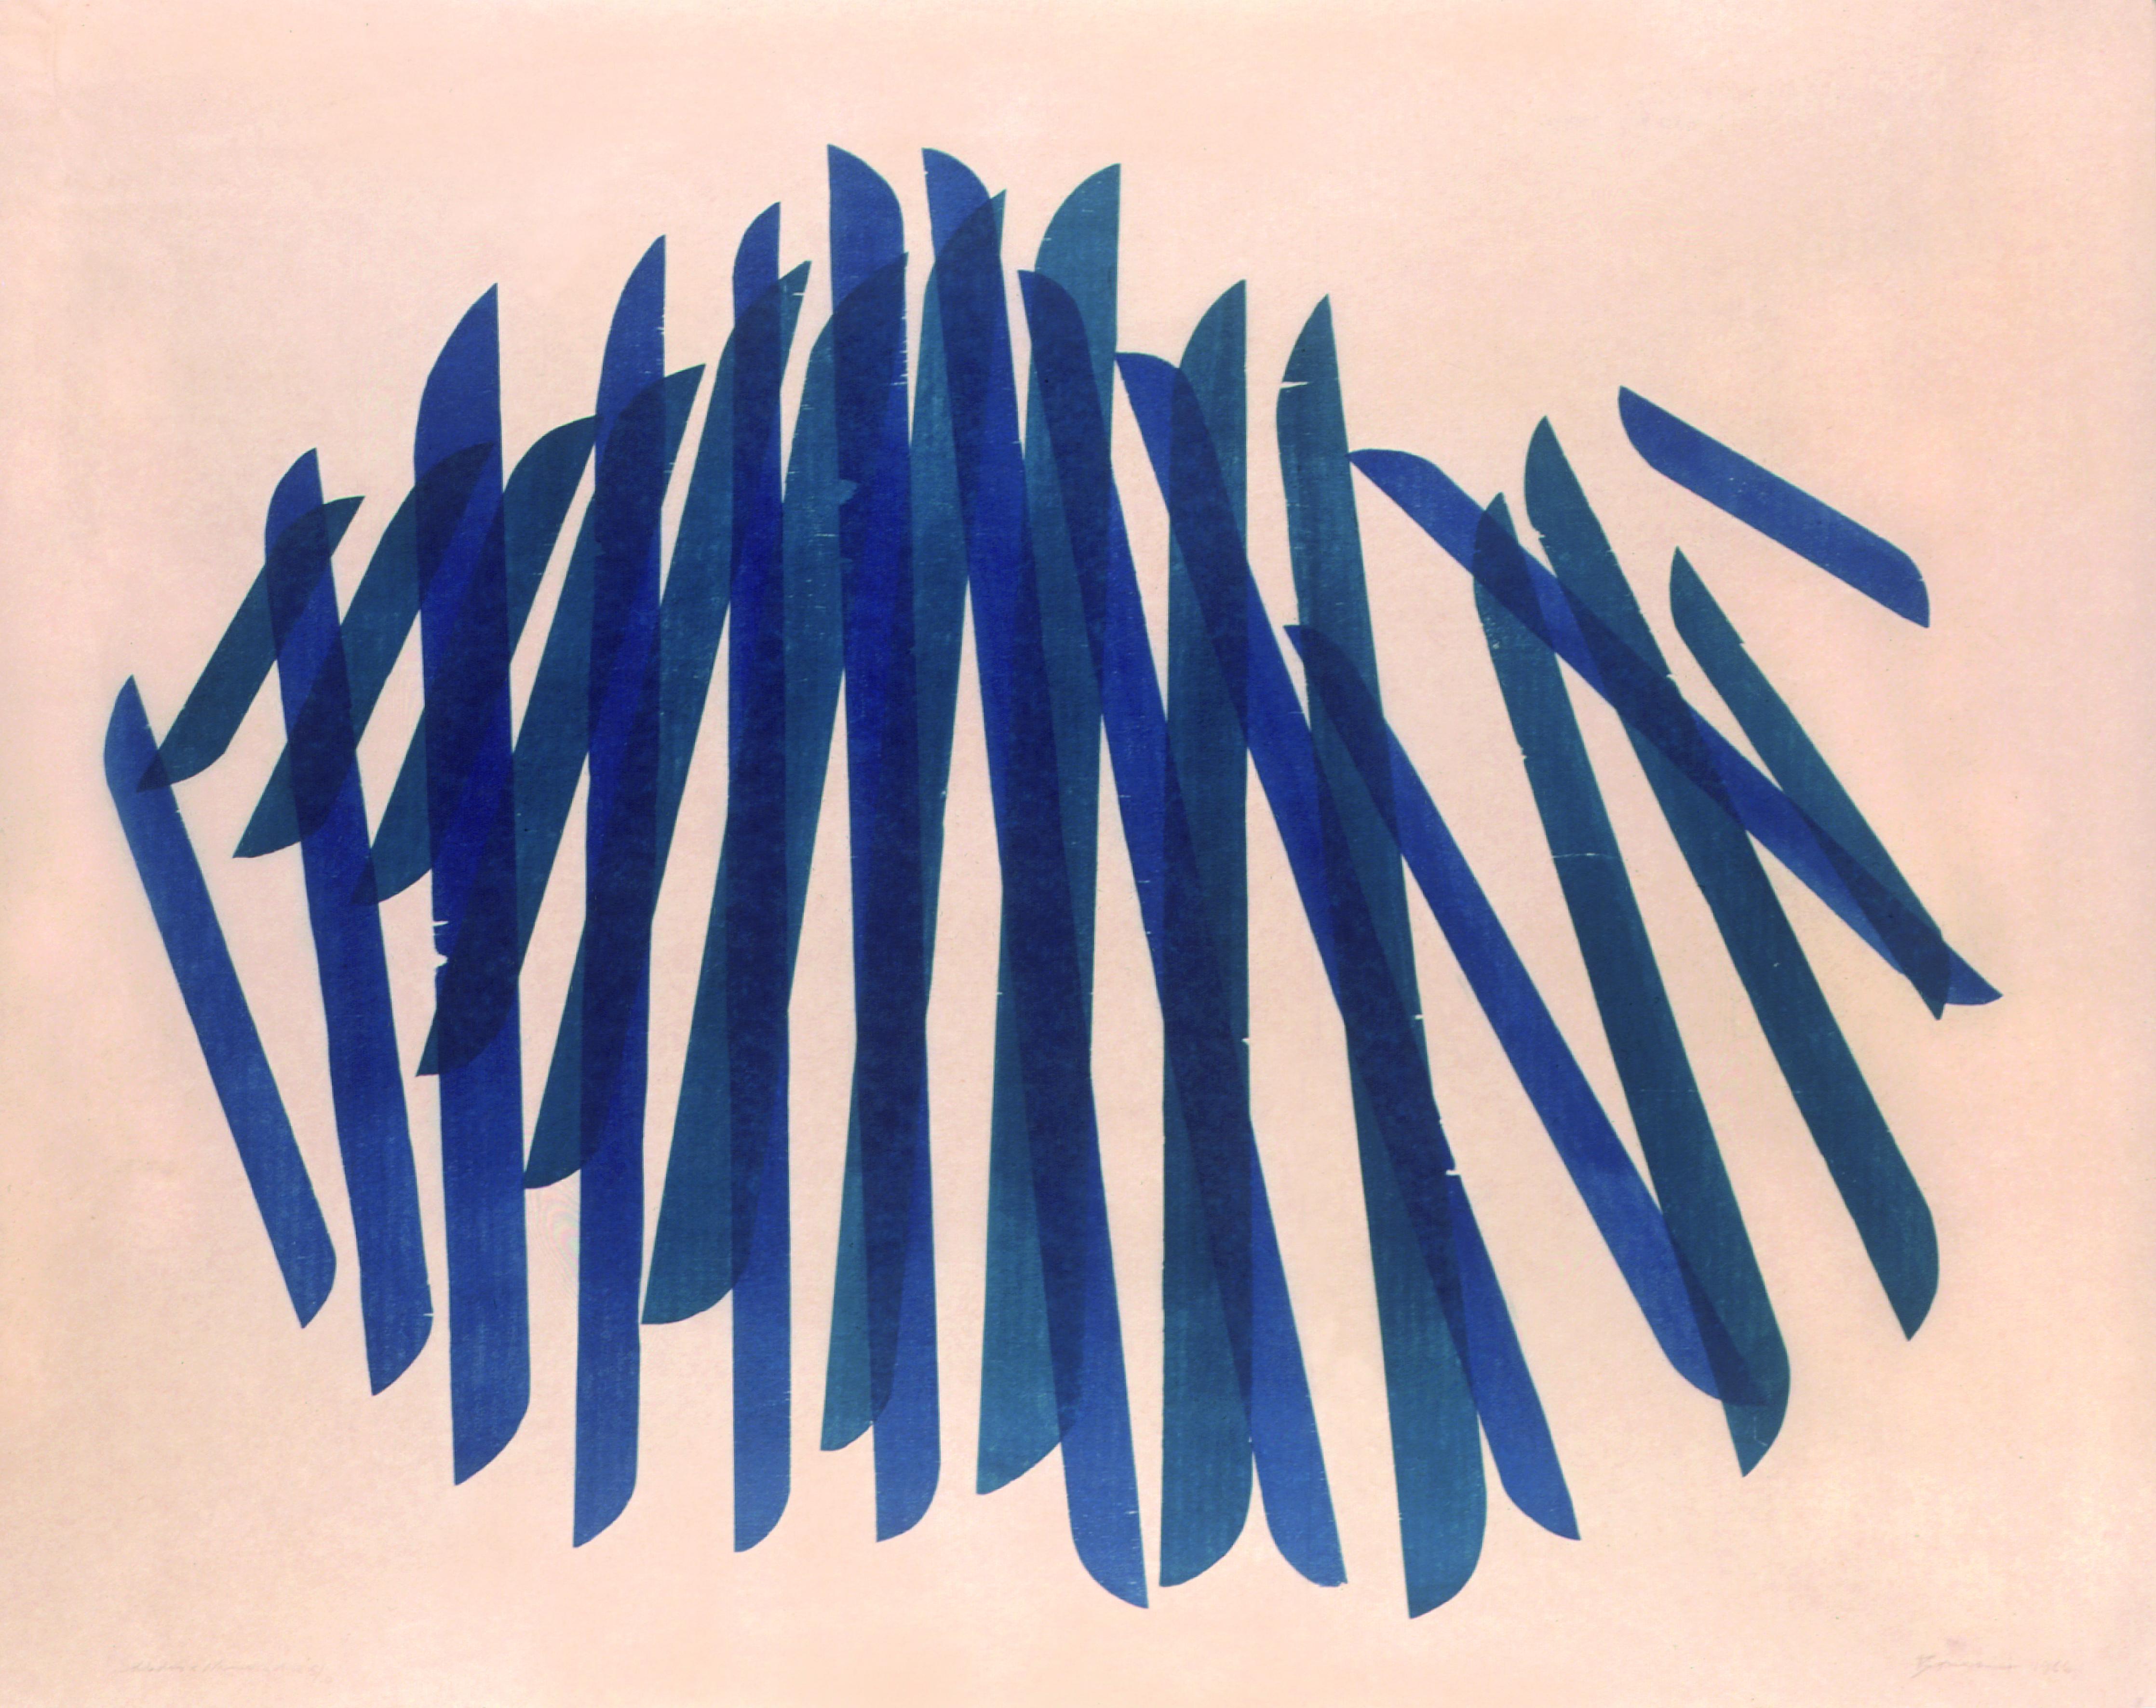 Soldados e Namorados      Autor: Maria Bonomi Ano: 1966 Técnica: Litogravura Dimensão: 96cm x 121cm